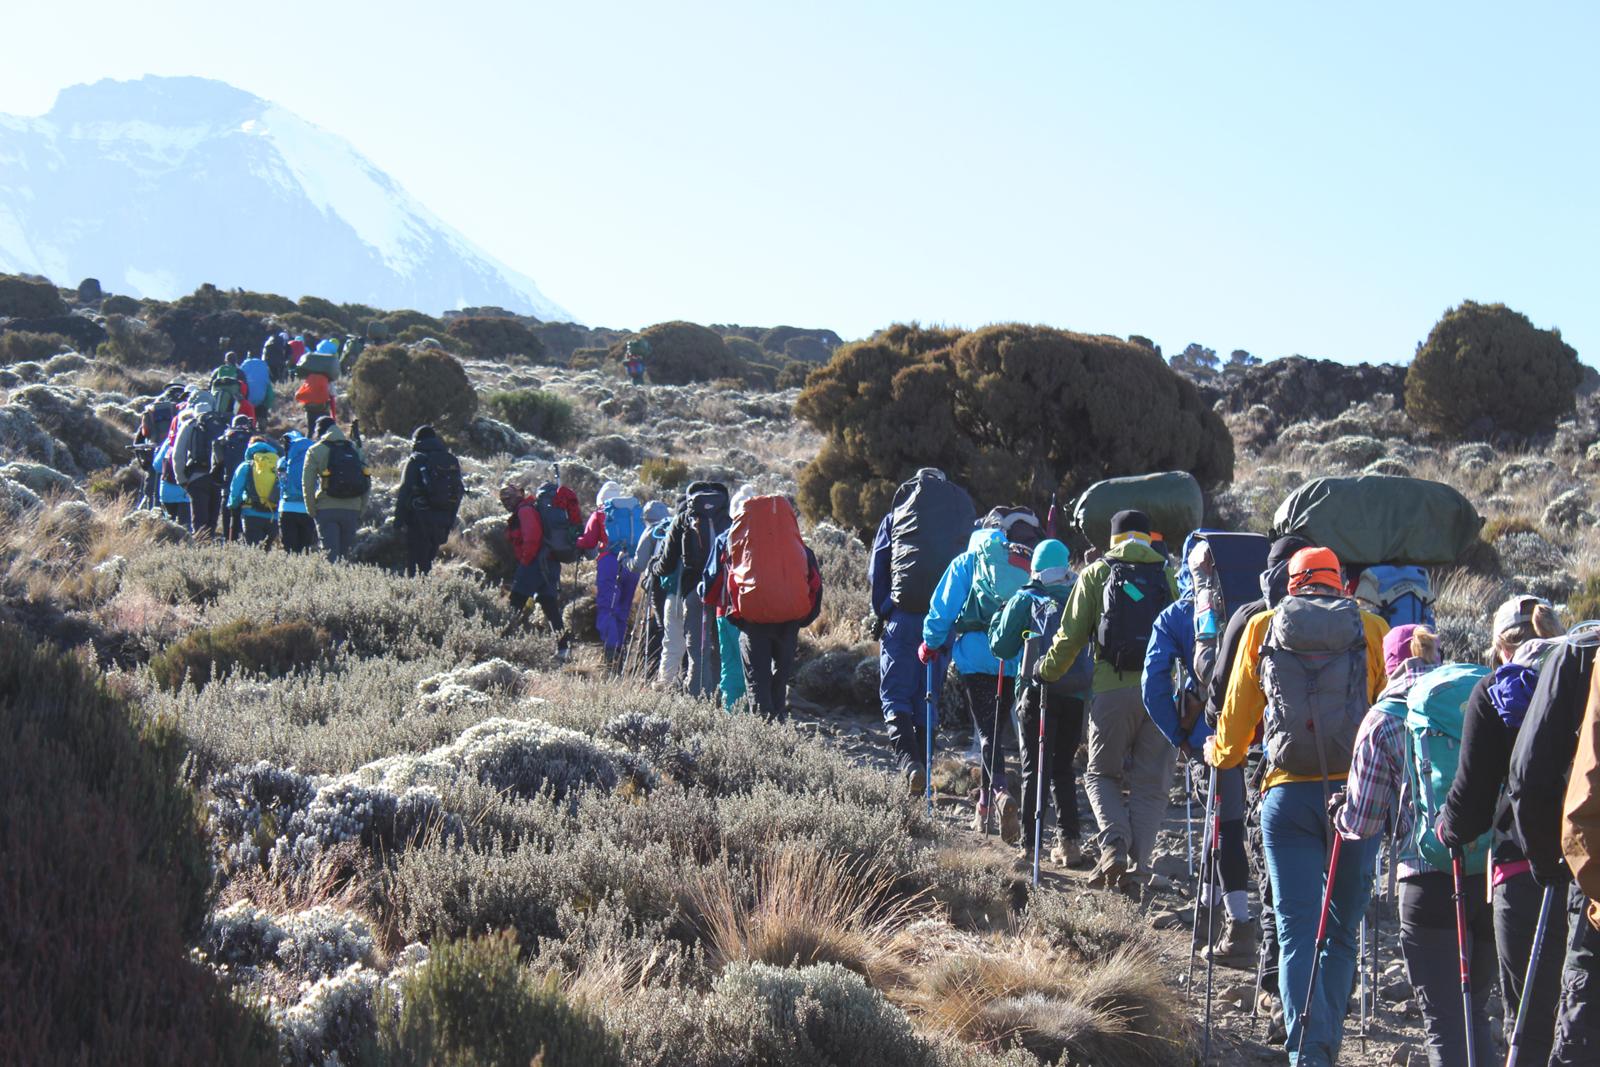 8 Days Mount Kilimanjaro Hiking Tour via Lemosho Route 1